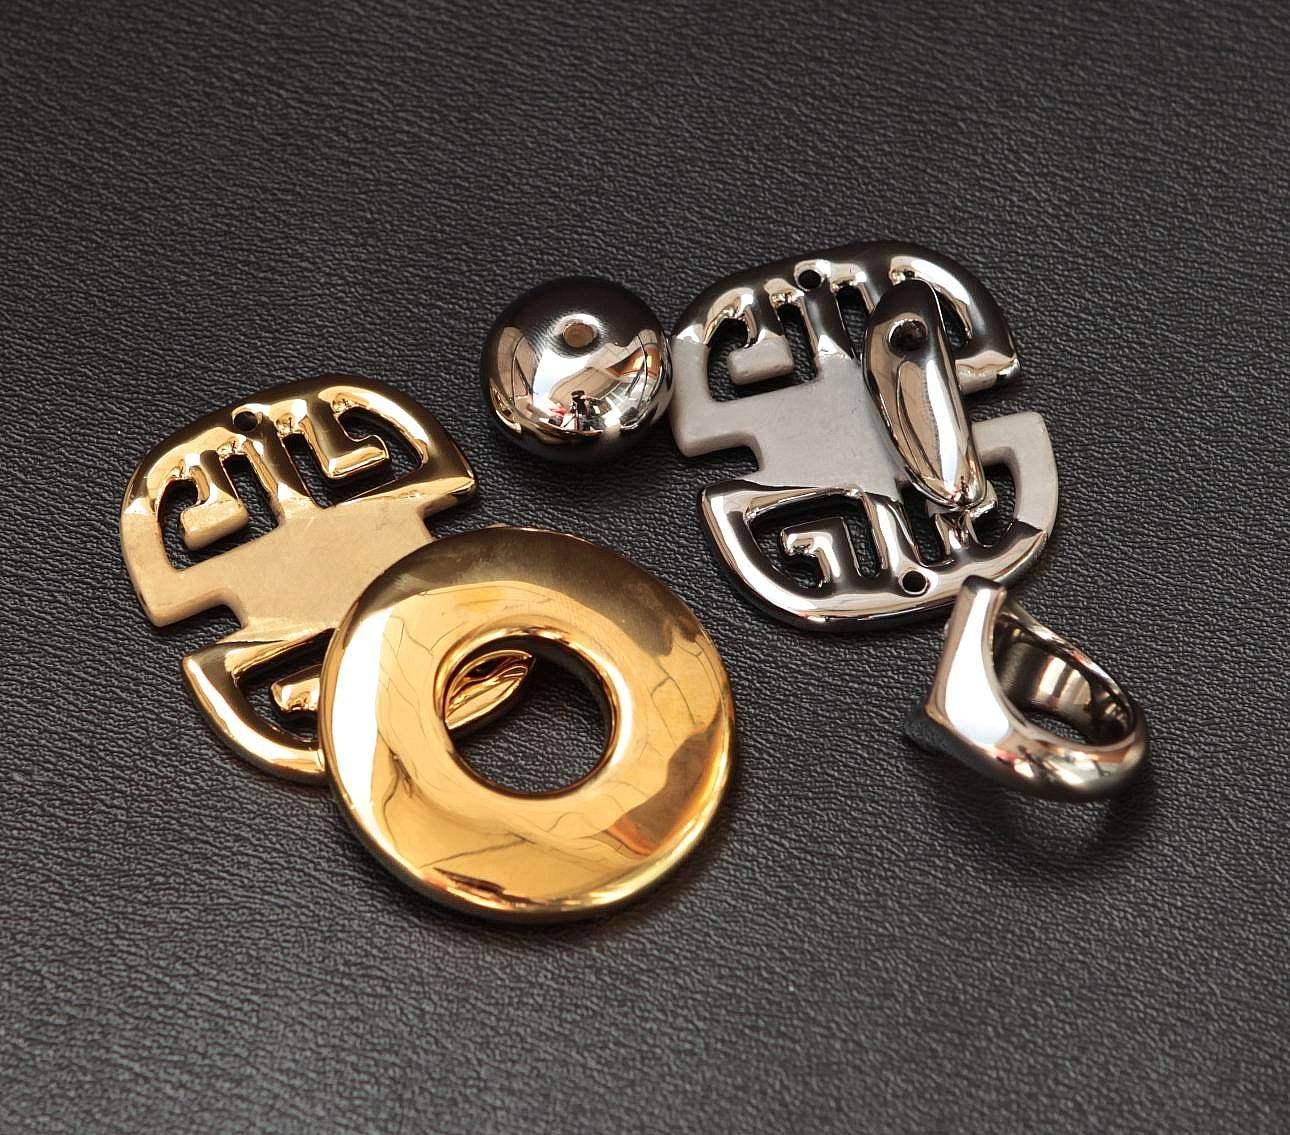 东莞真空PVD电镀厂加工真空电镀IP金色 五金配件真空镀膜